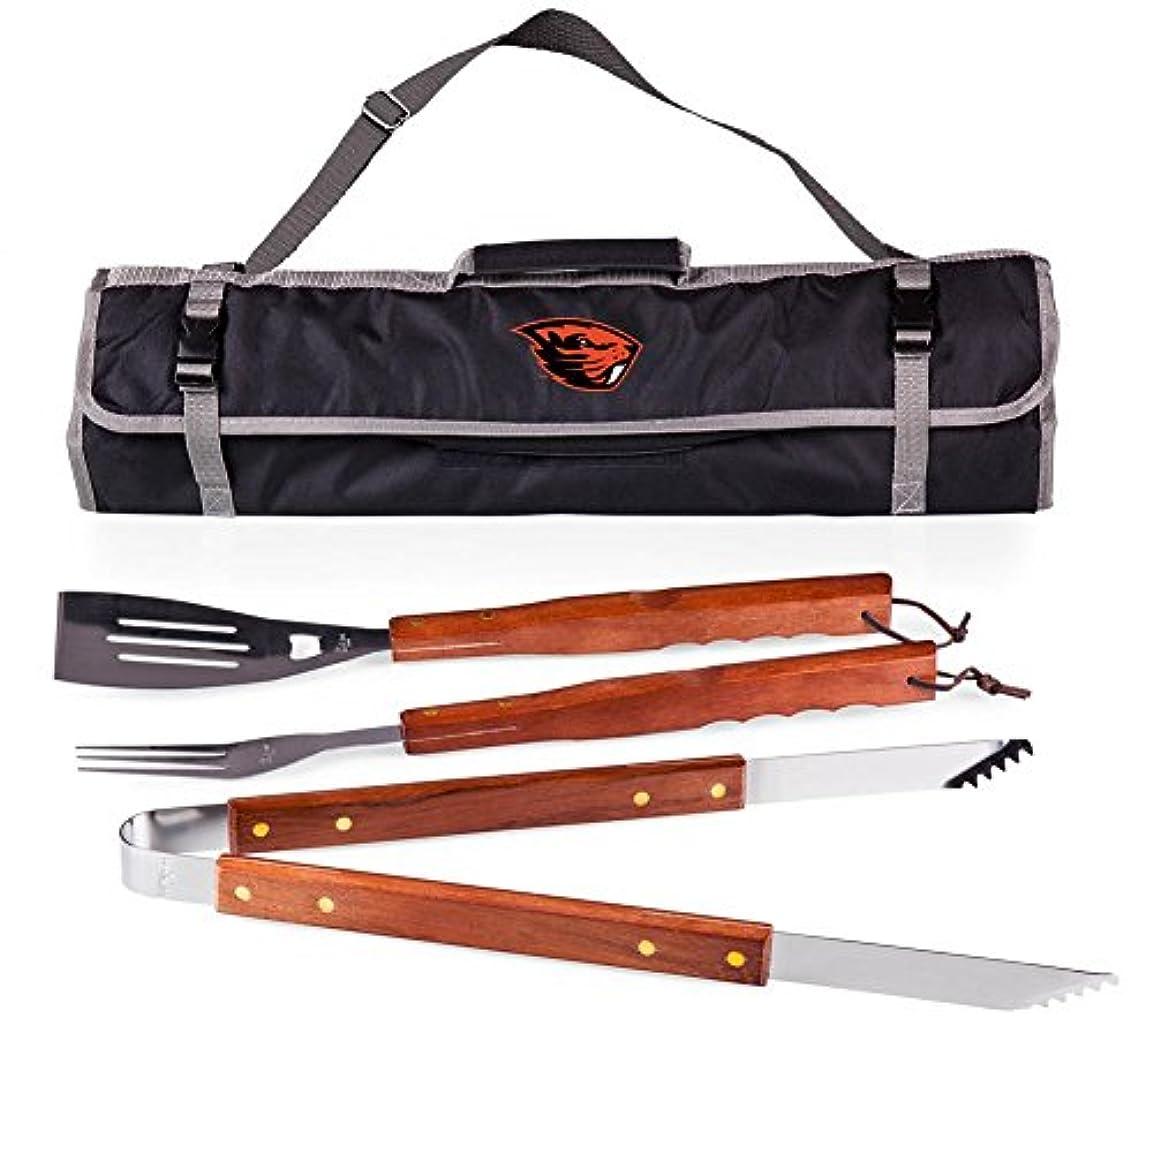 ドーム王子男らしいOregon State Beavers BBQグリル旅行ツールセット